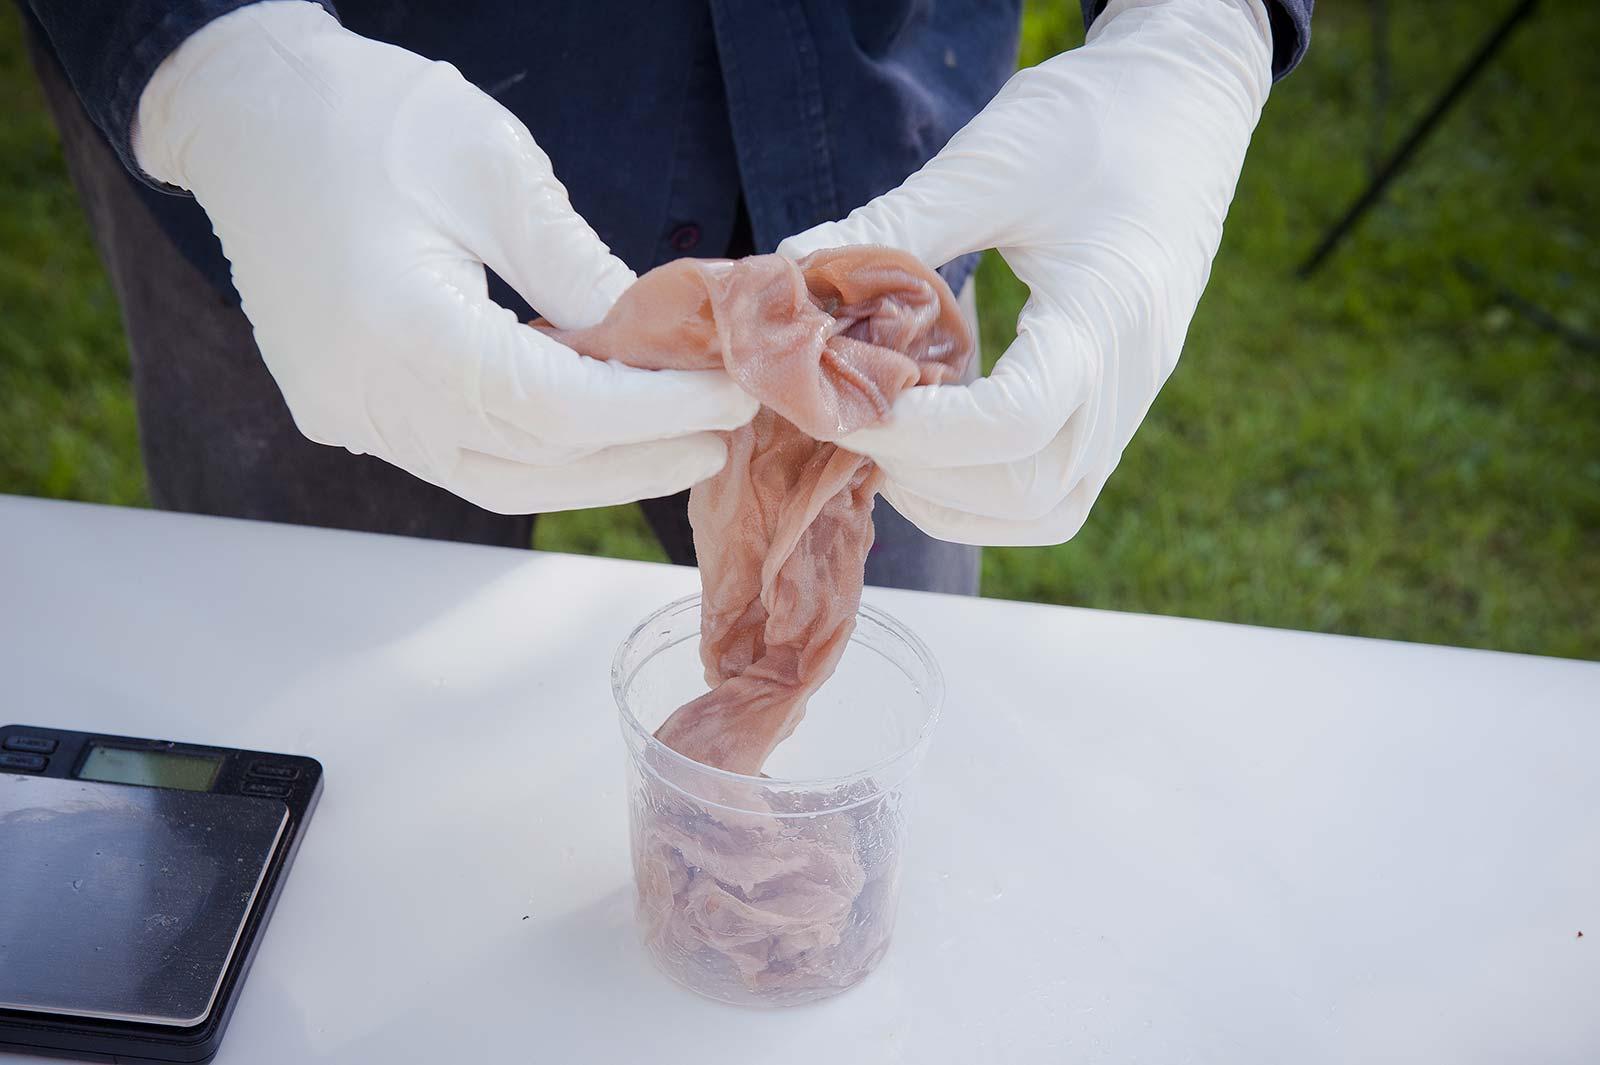 Präparierung eines Strumpfes mit Epoxidharz für eine Installation am Kulturort Weiertal